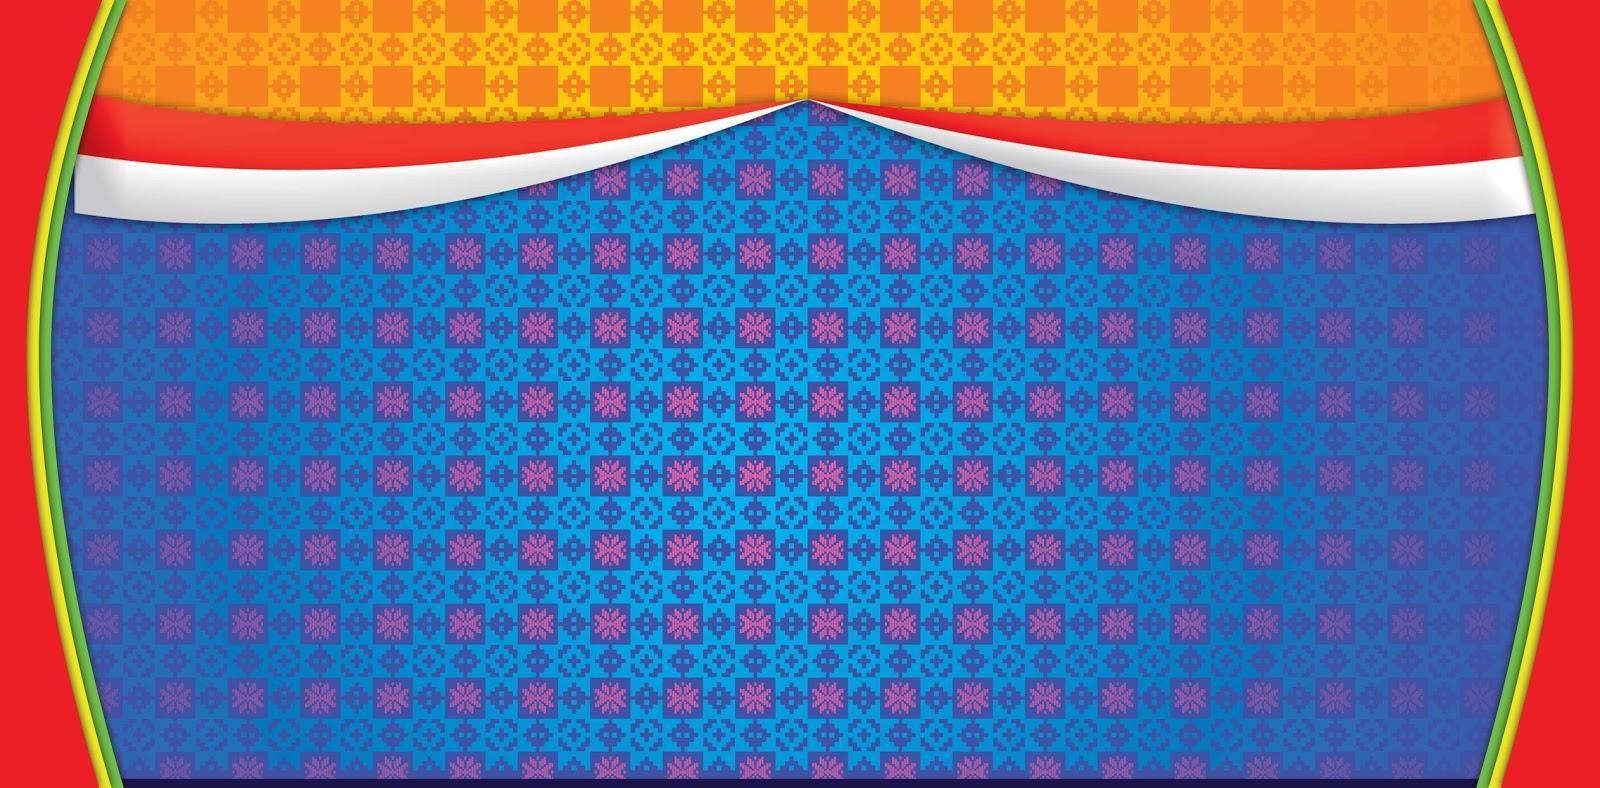 Background Biru Melayu